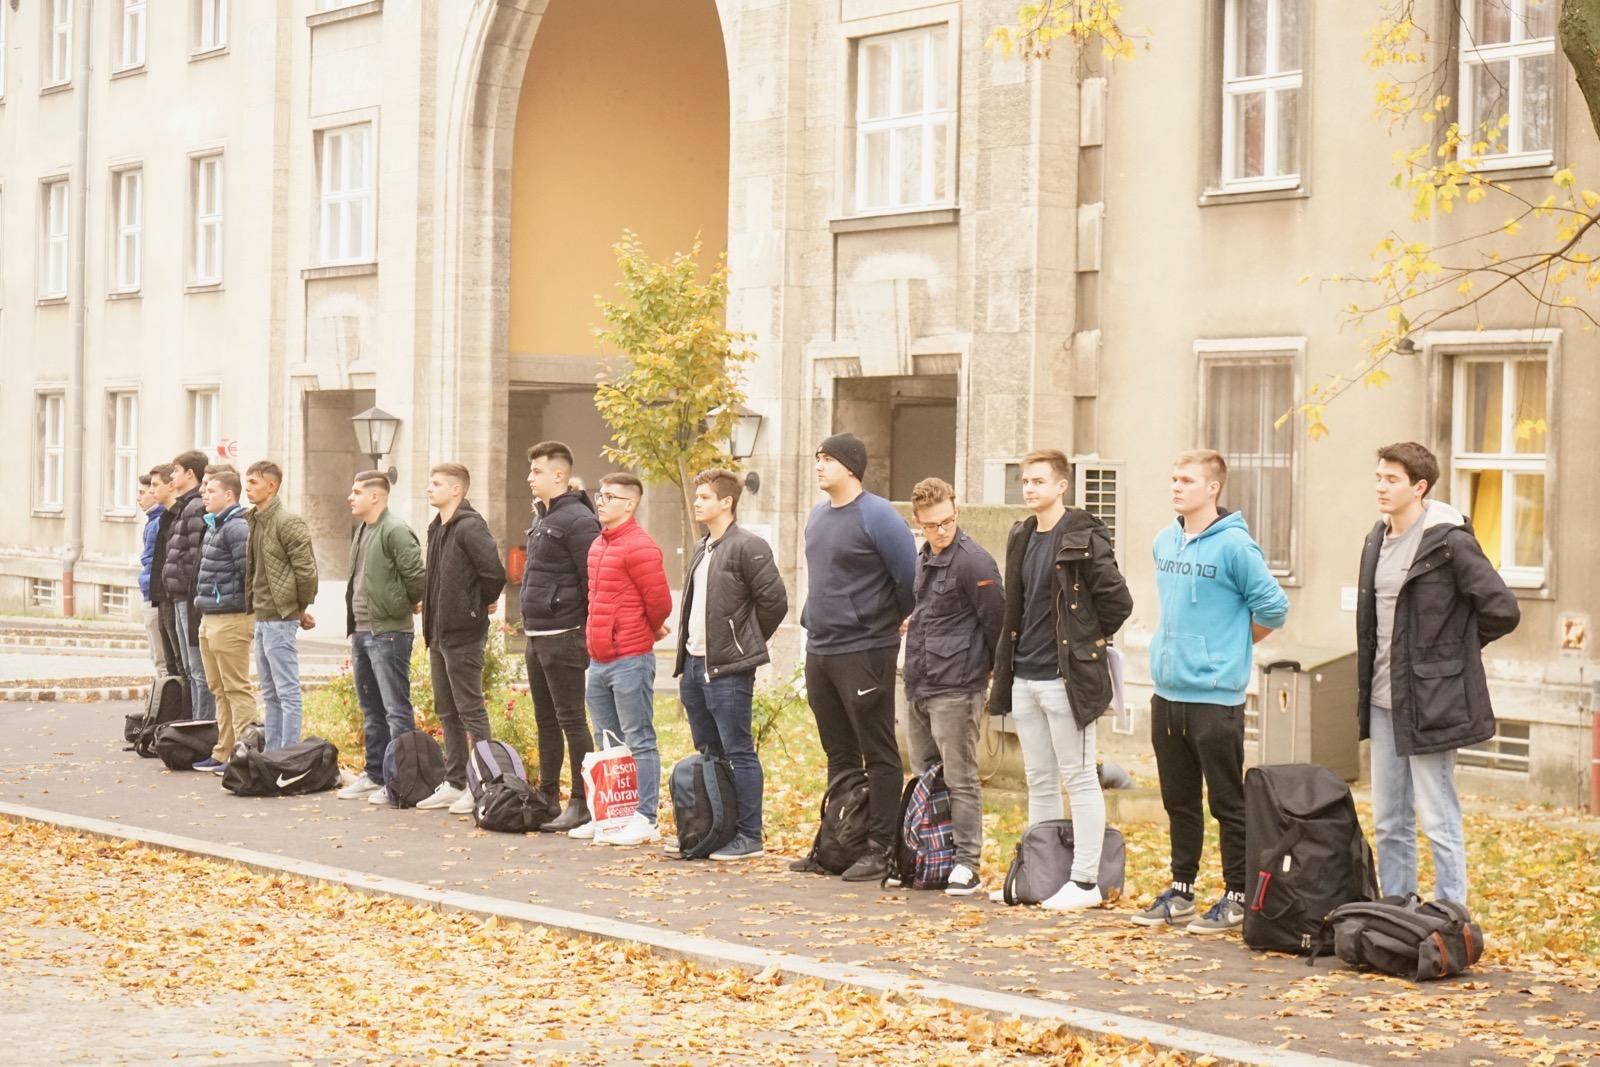 2018_11_05_1Gardekompanie_Einrücken - 2 of 8